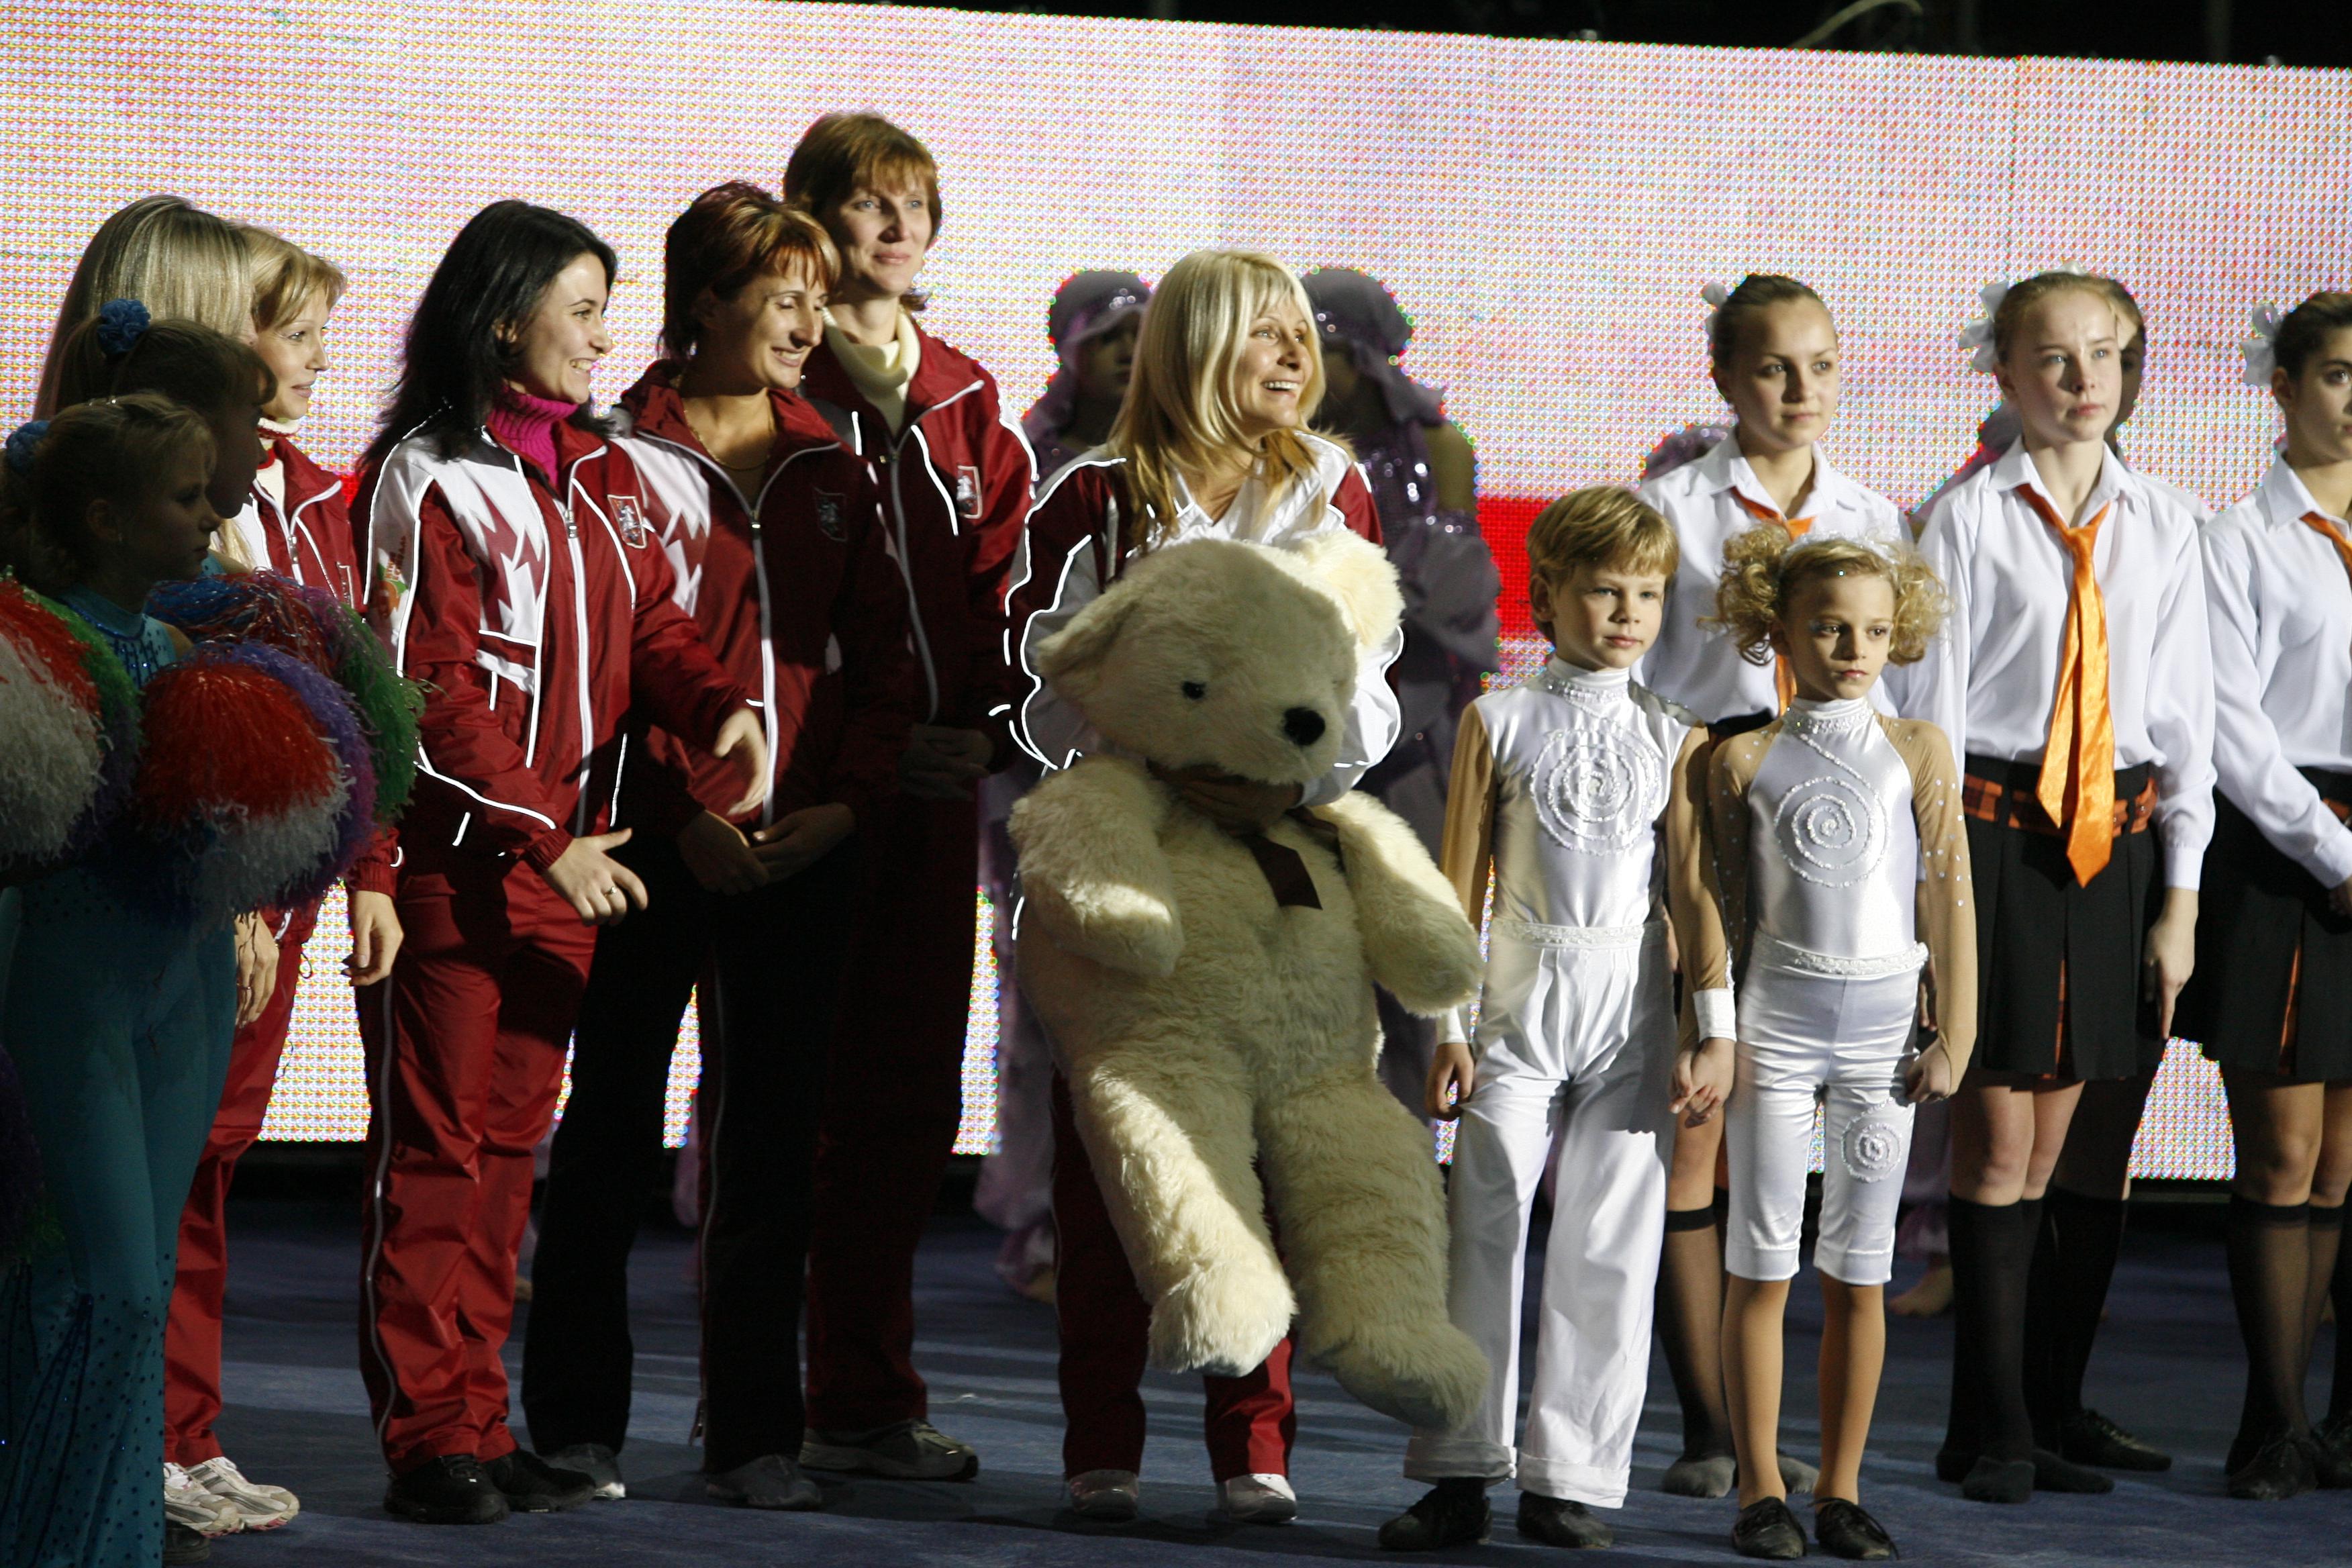 Руководителю фестиваля «От Винта!» объявлена благодарность Президента РФ за заслуги в области спорта